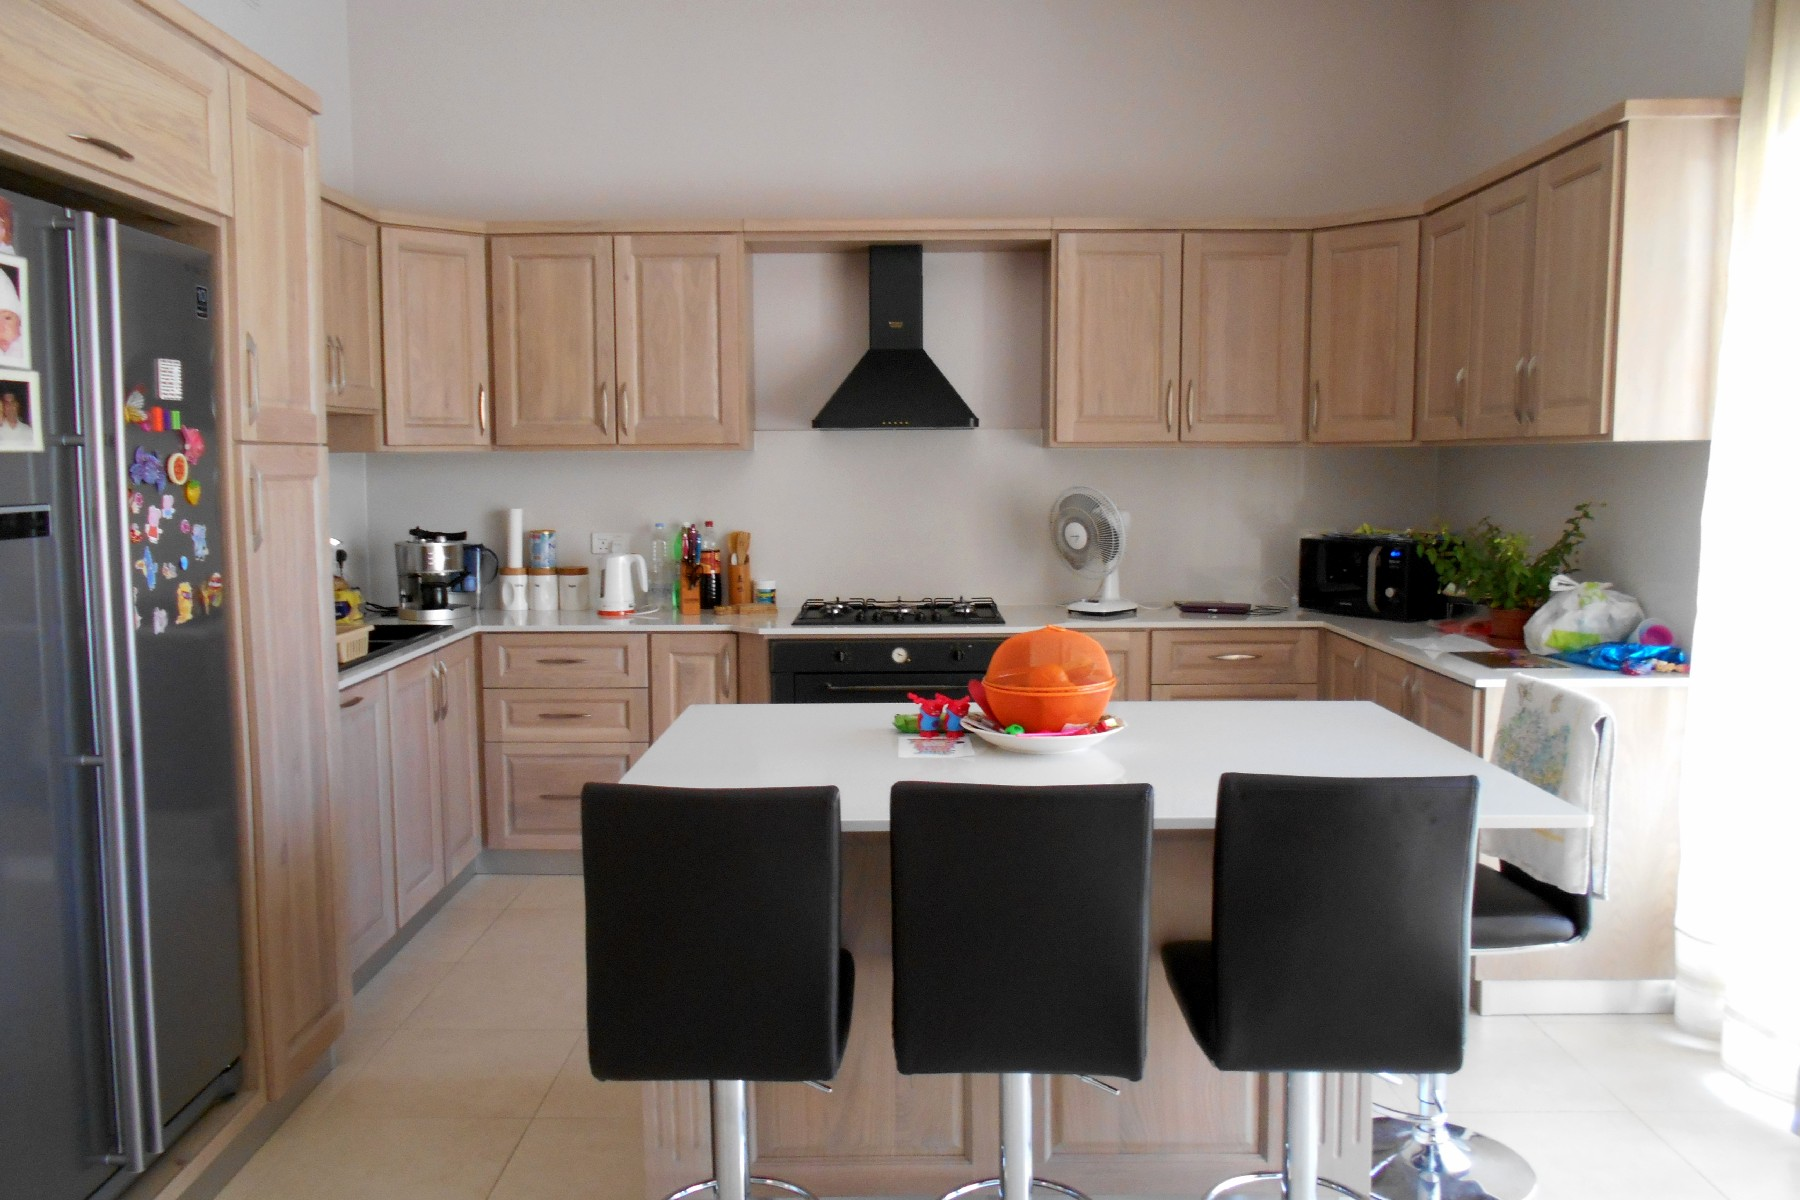 Malta Property for sale in Central, Zebbug